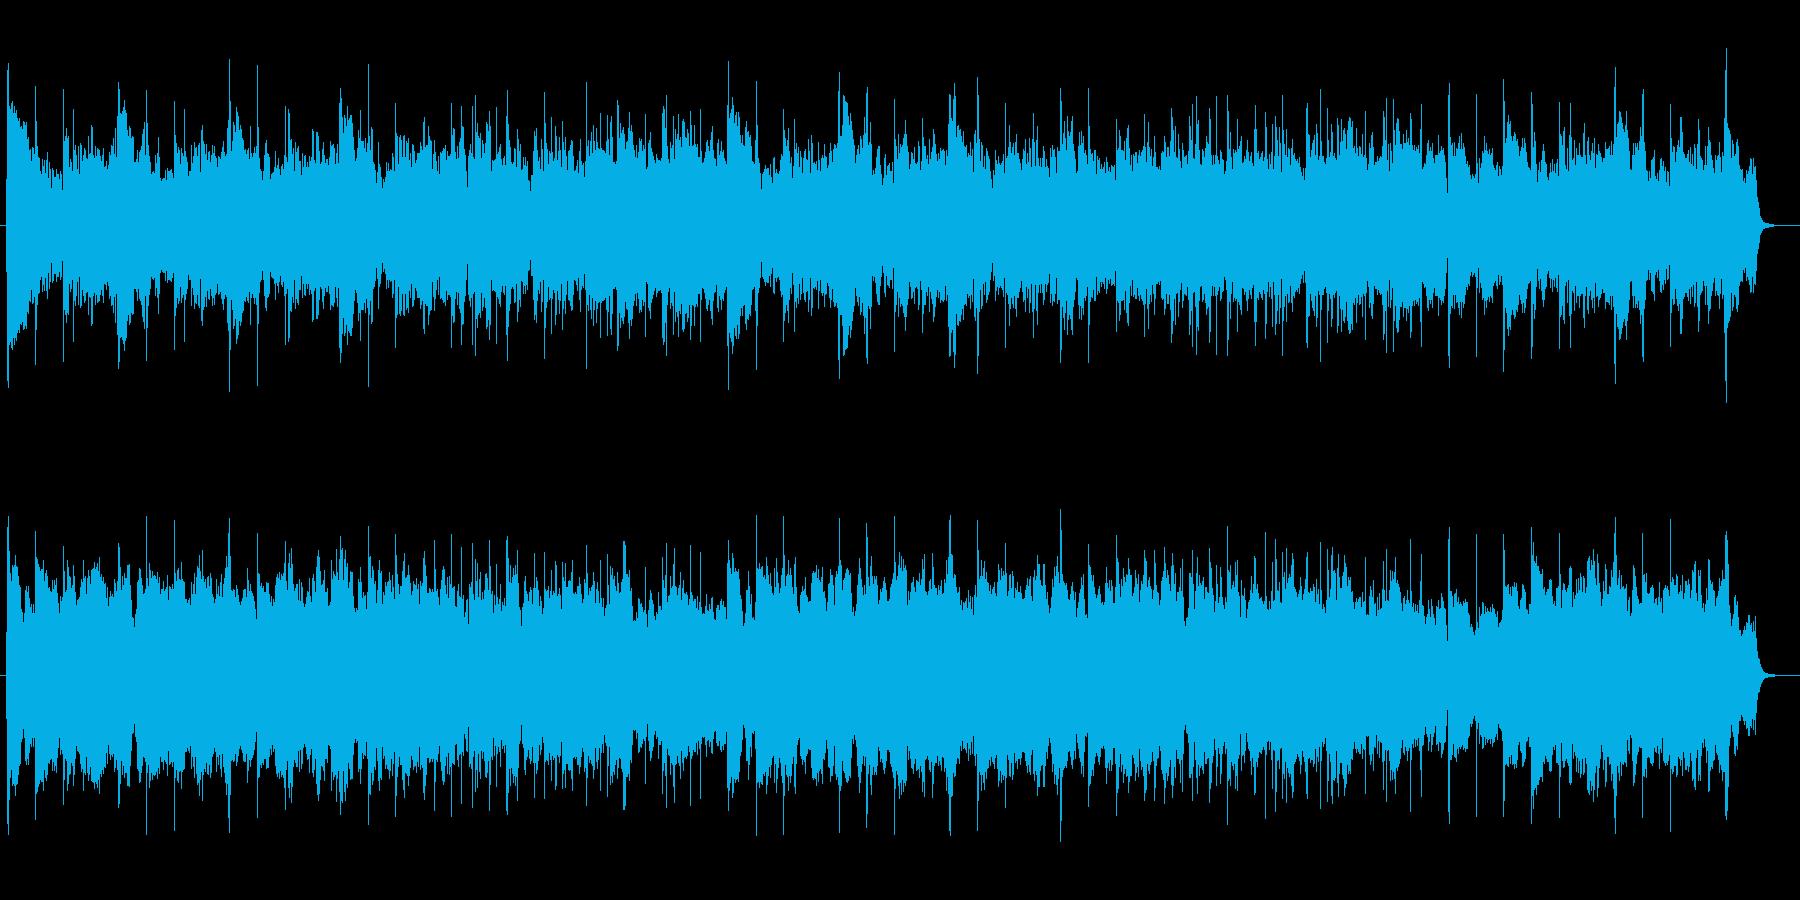 ゆったり神秘的なバイオリンシンセサウンドの再生済みの波形